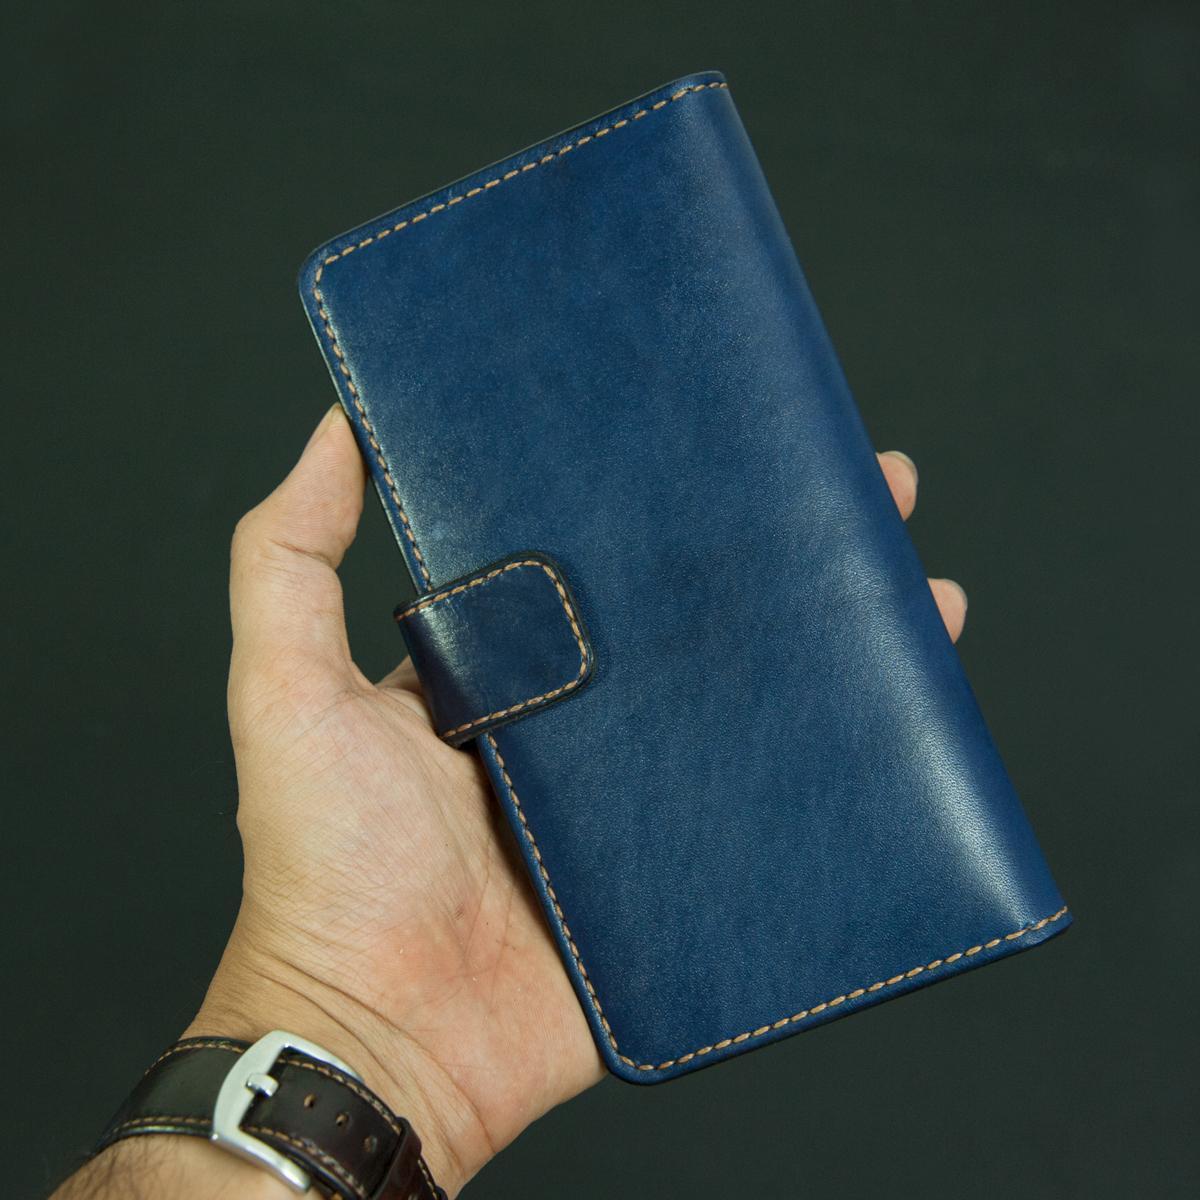 Ví dài cầm tay nữ có ngăn đựng điện thoại màu xanh handmade - Da bò - Ví dài cầm tay nữ Mino Crafts VI453